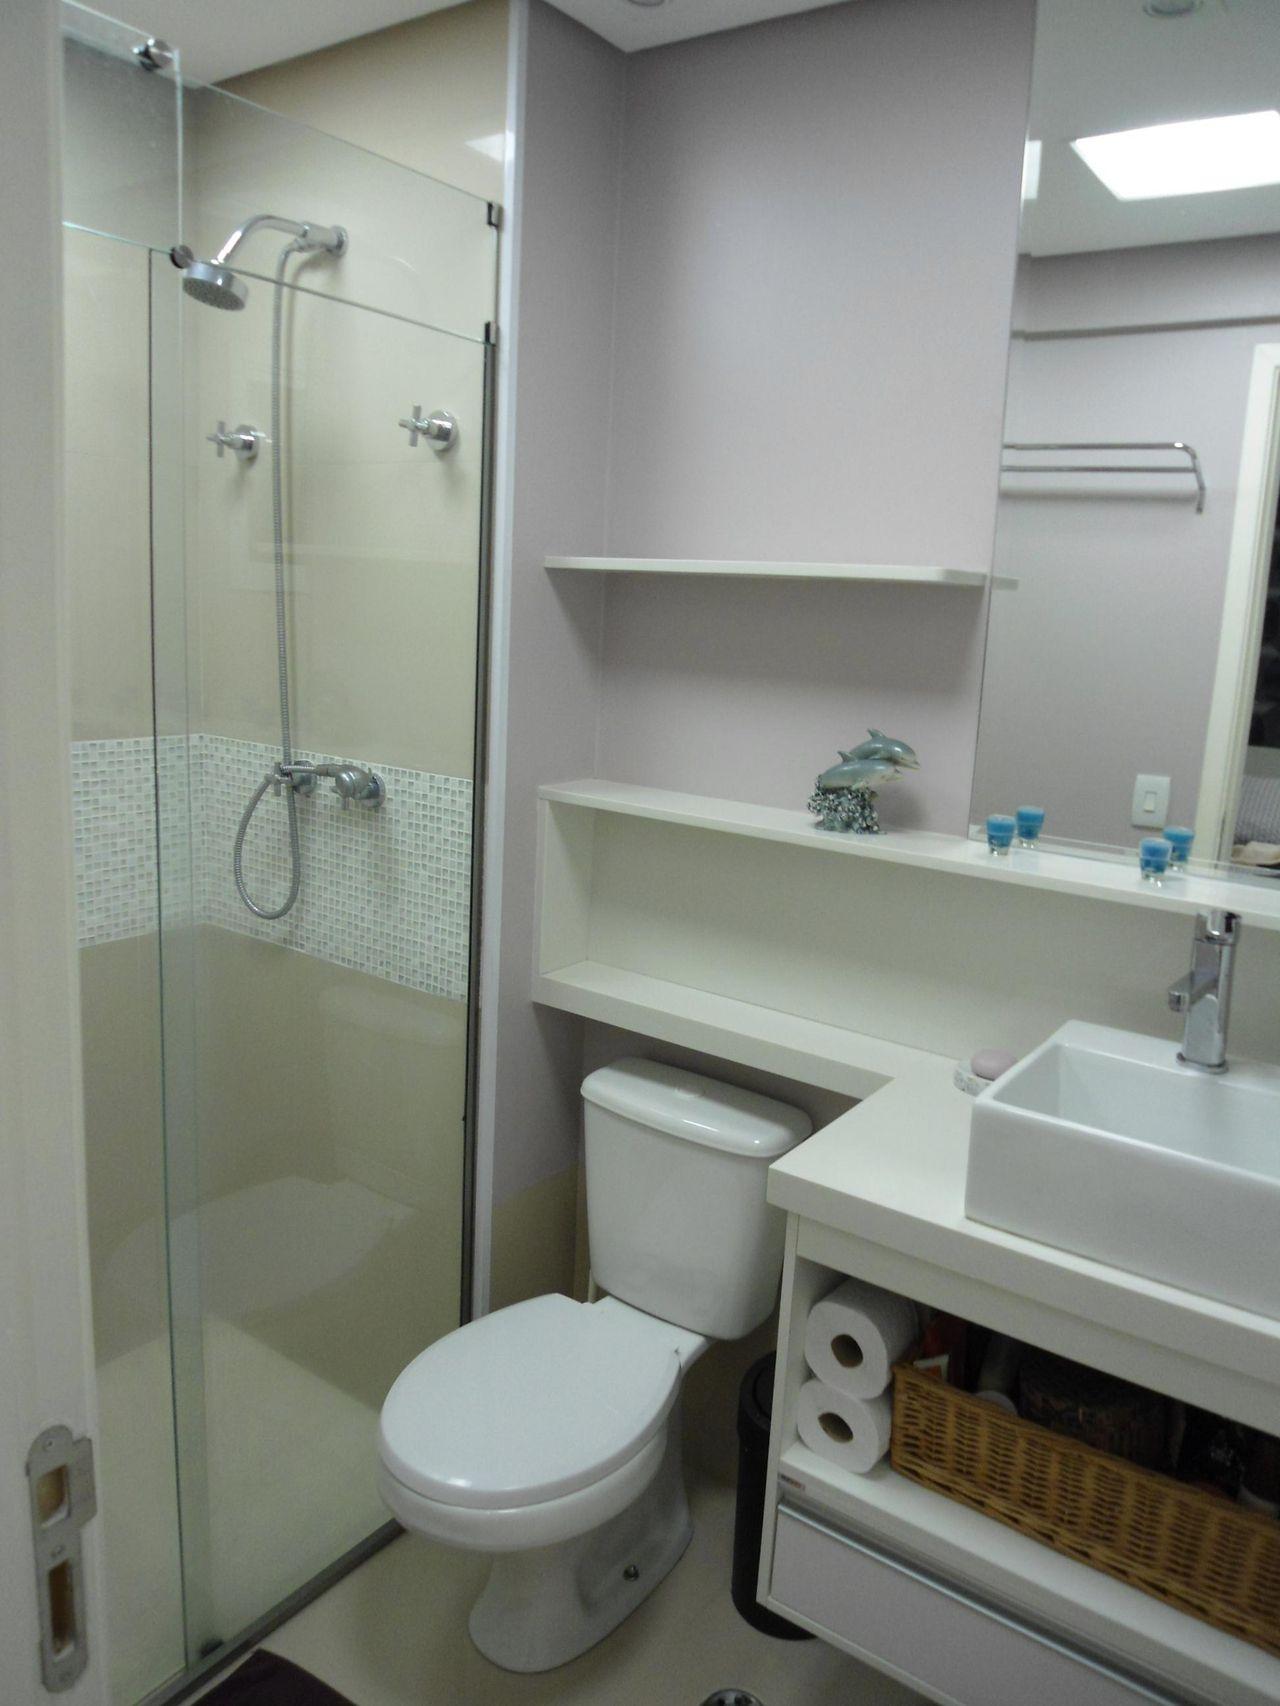 Banheiro com acabamento em Pastilha de Juliana Cristina  61121 no Viva Decora -> Banheiro Com Acabamento Em Pastilhas